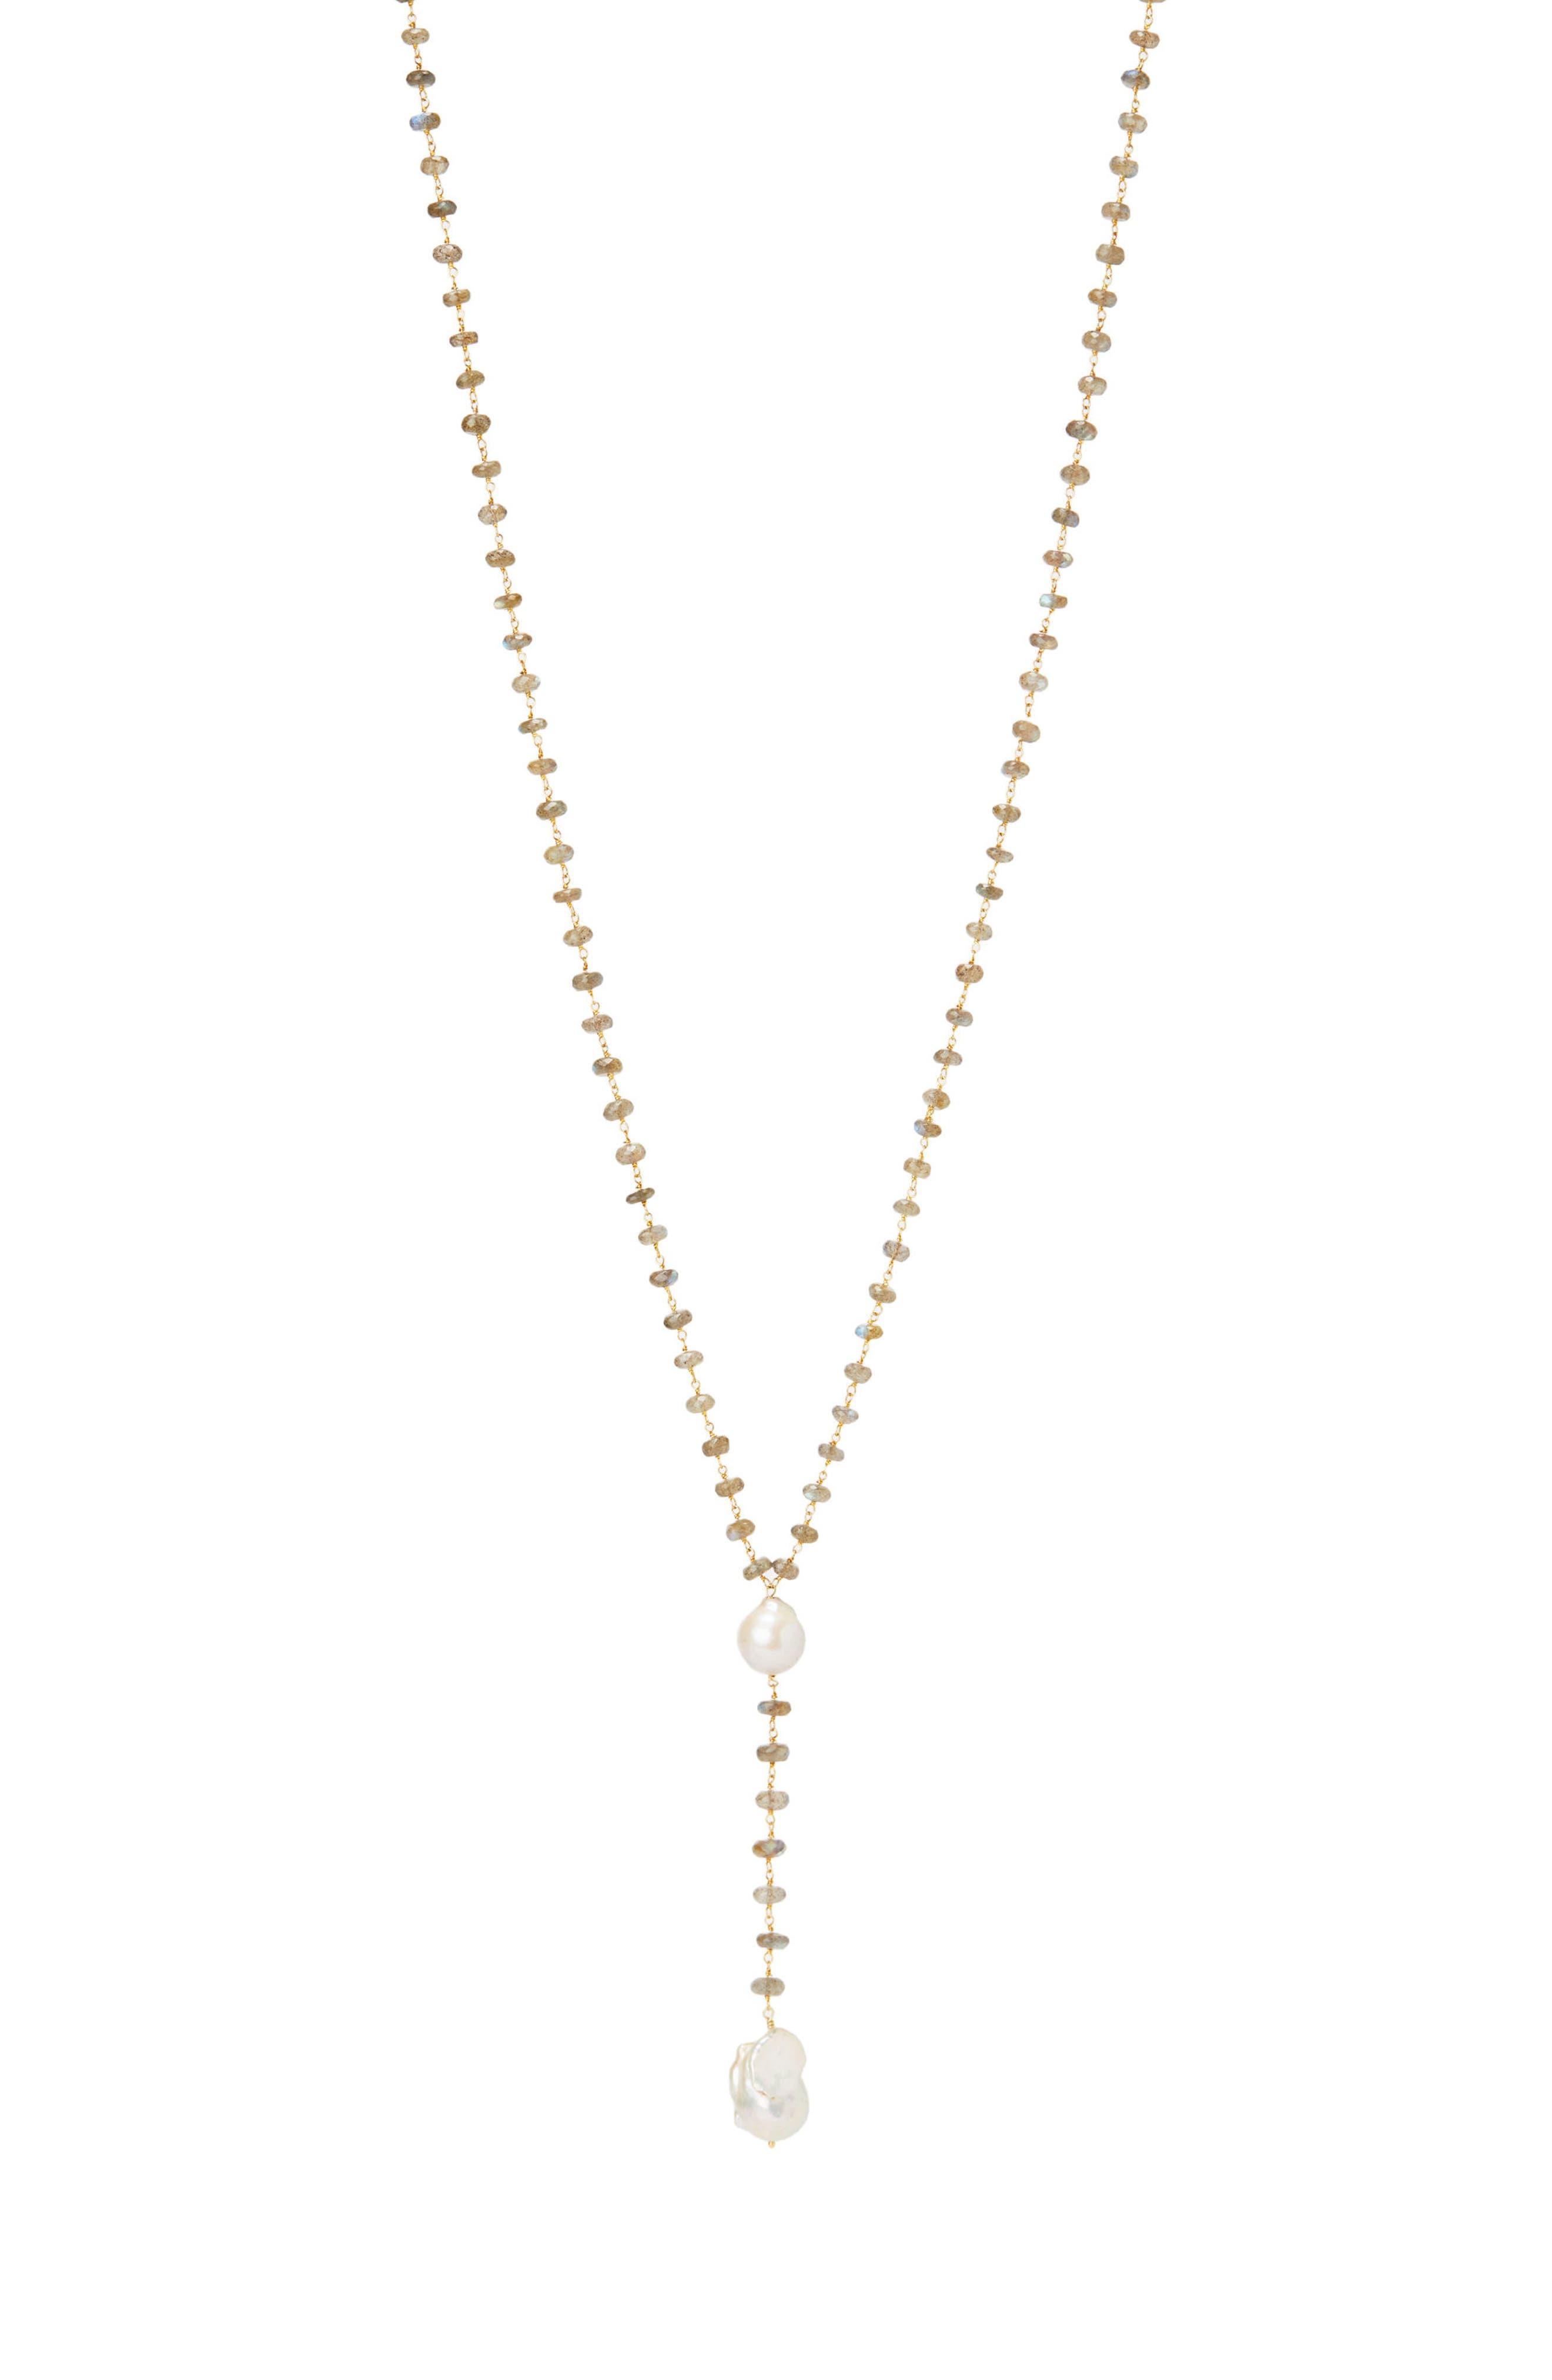 Bora Bora Semiprecious Stone & Baroque Pearl Y-Necklace,                         Main,                         color, Labradorite